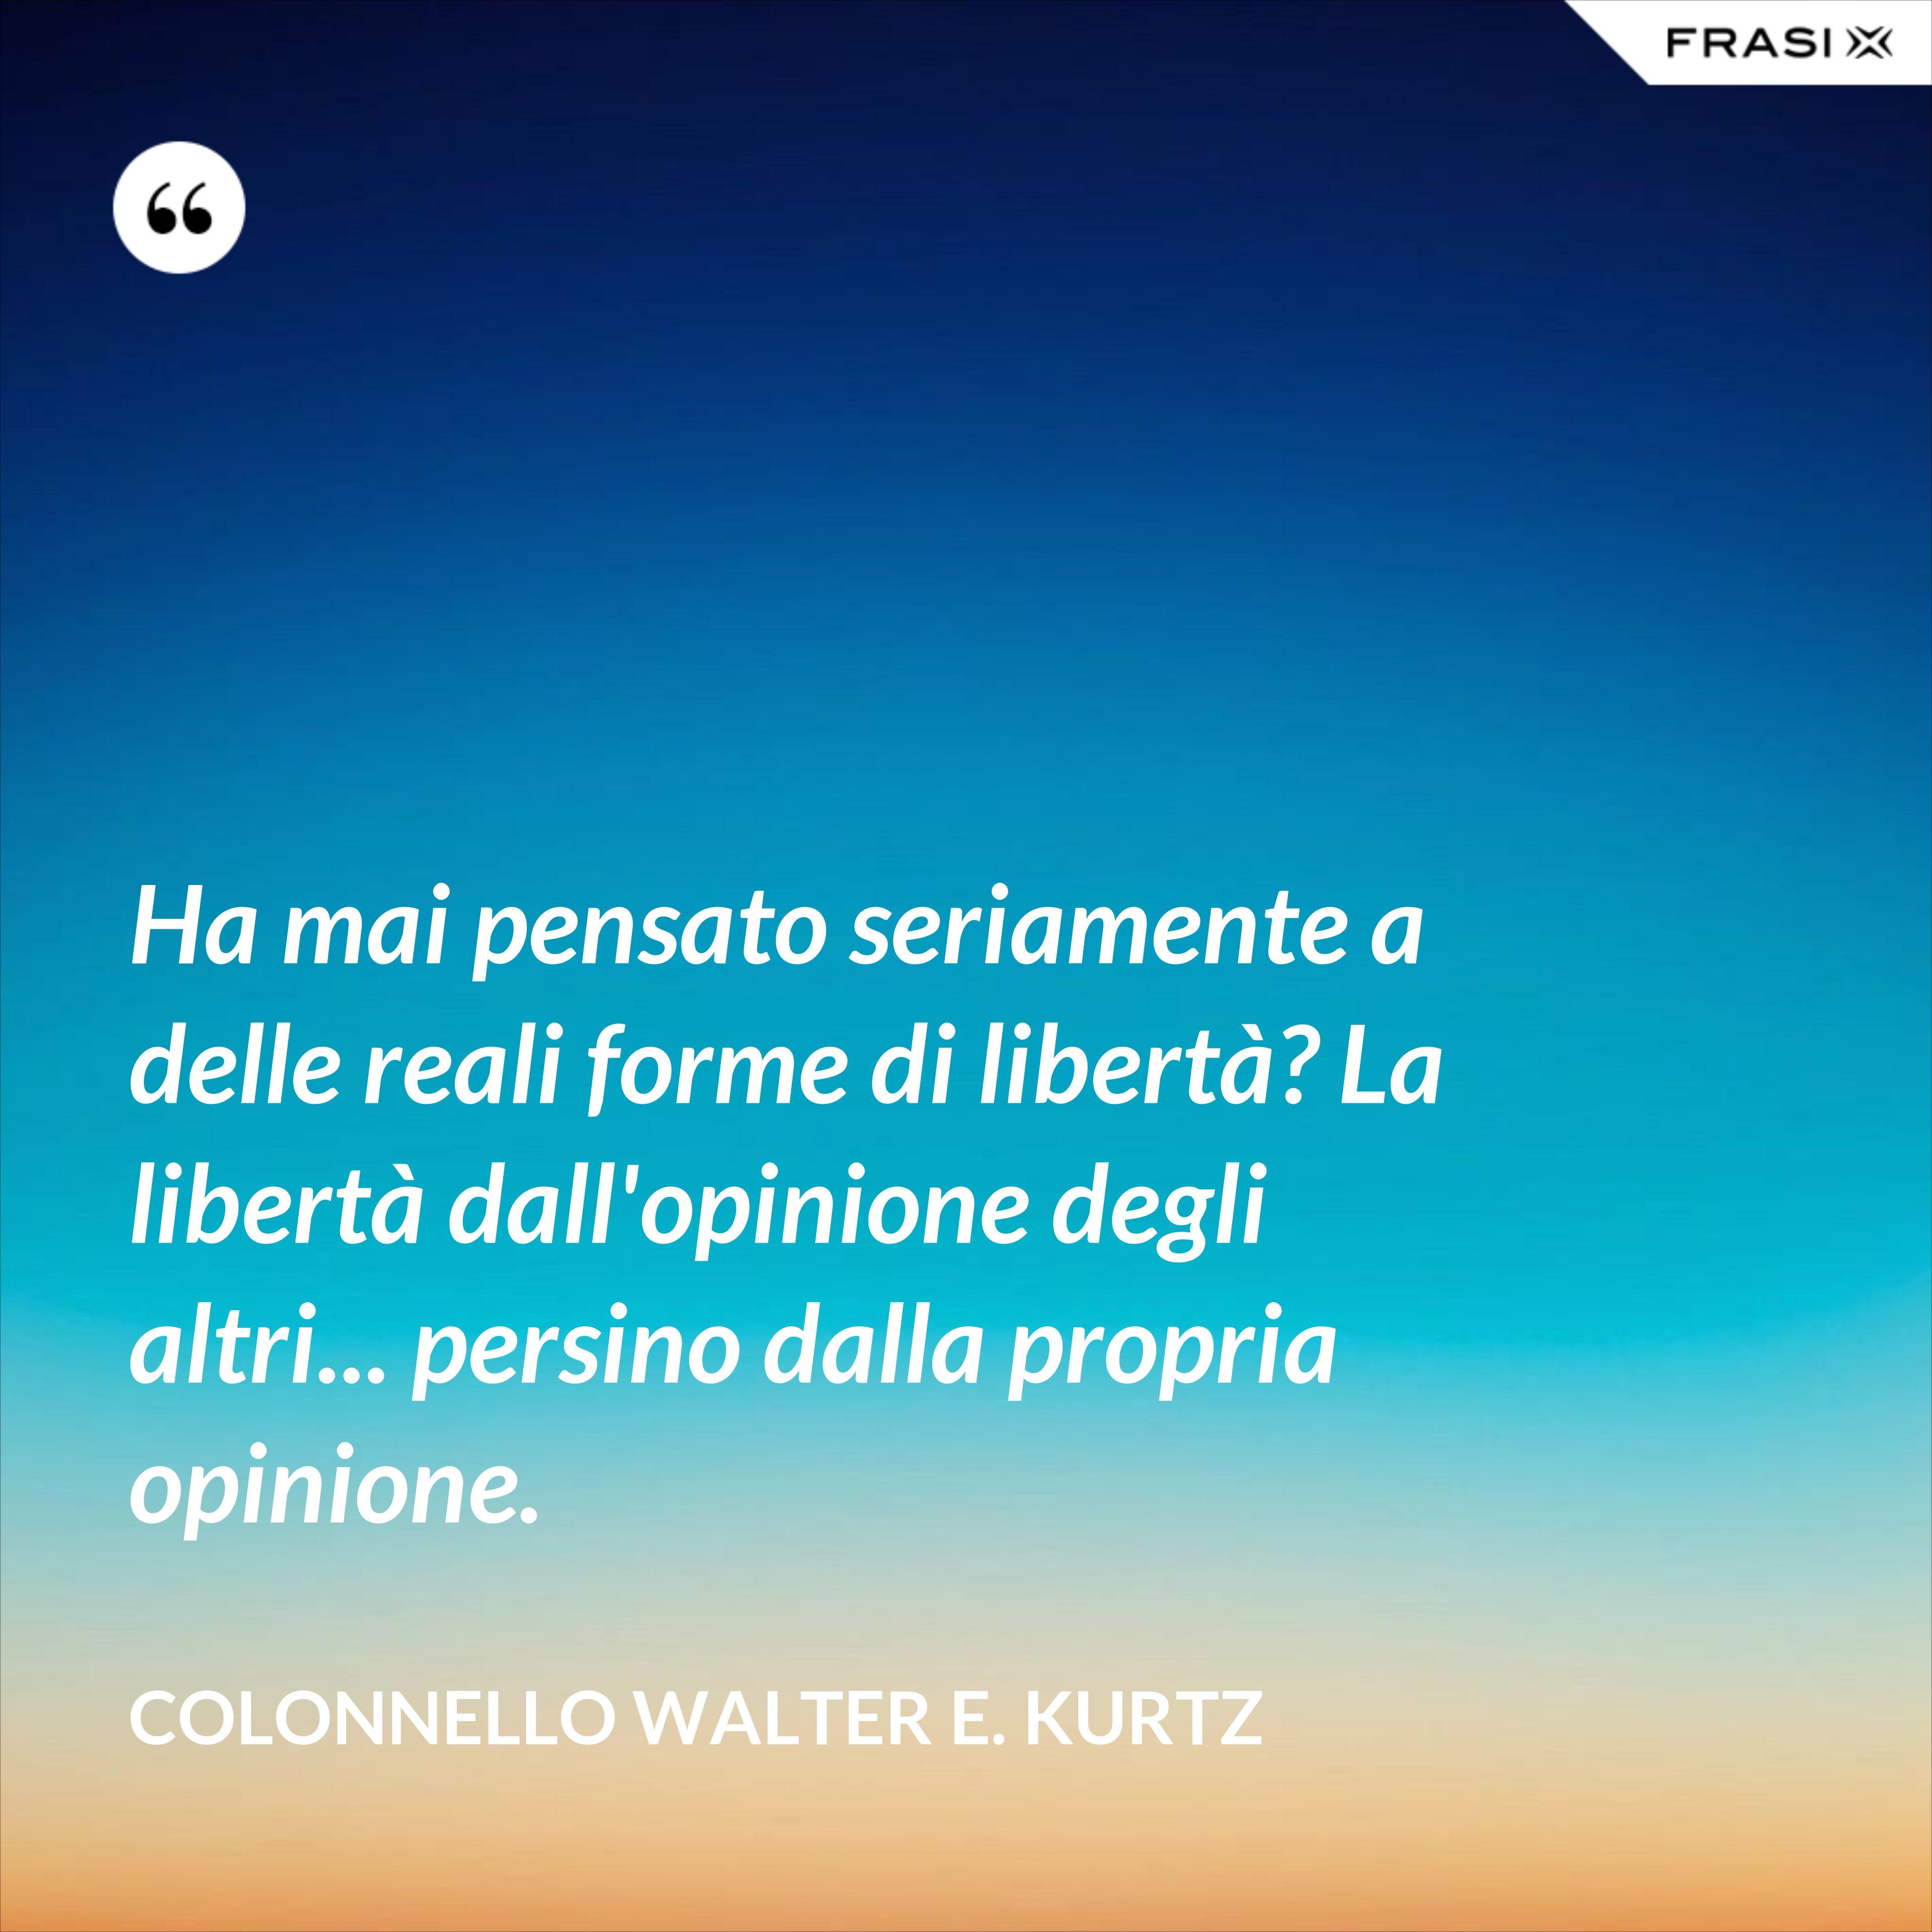 Ha mai pensato seriamente a delle reali forme di libertà? La libertà dall'opinione degli altri... persino dalla propria opinione. - Colonnello Walter E. Kurtz